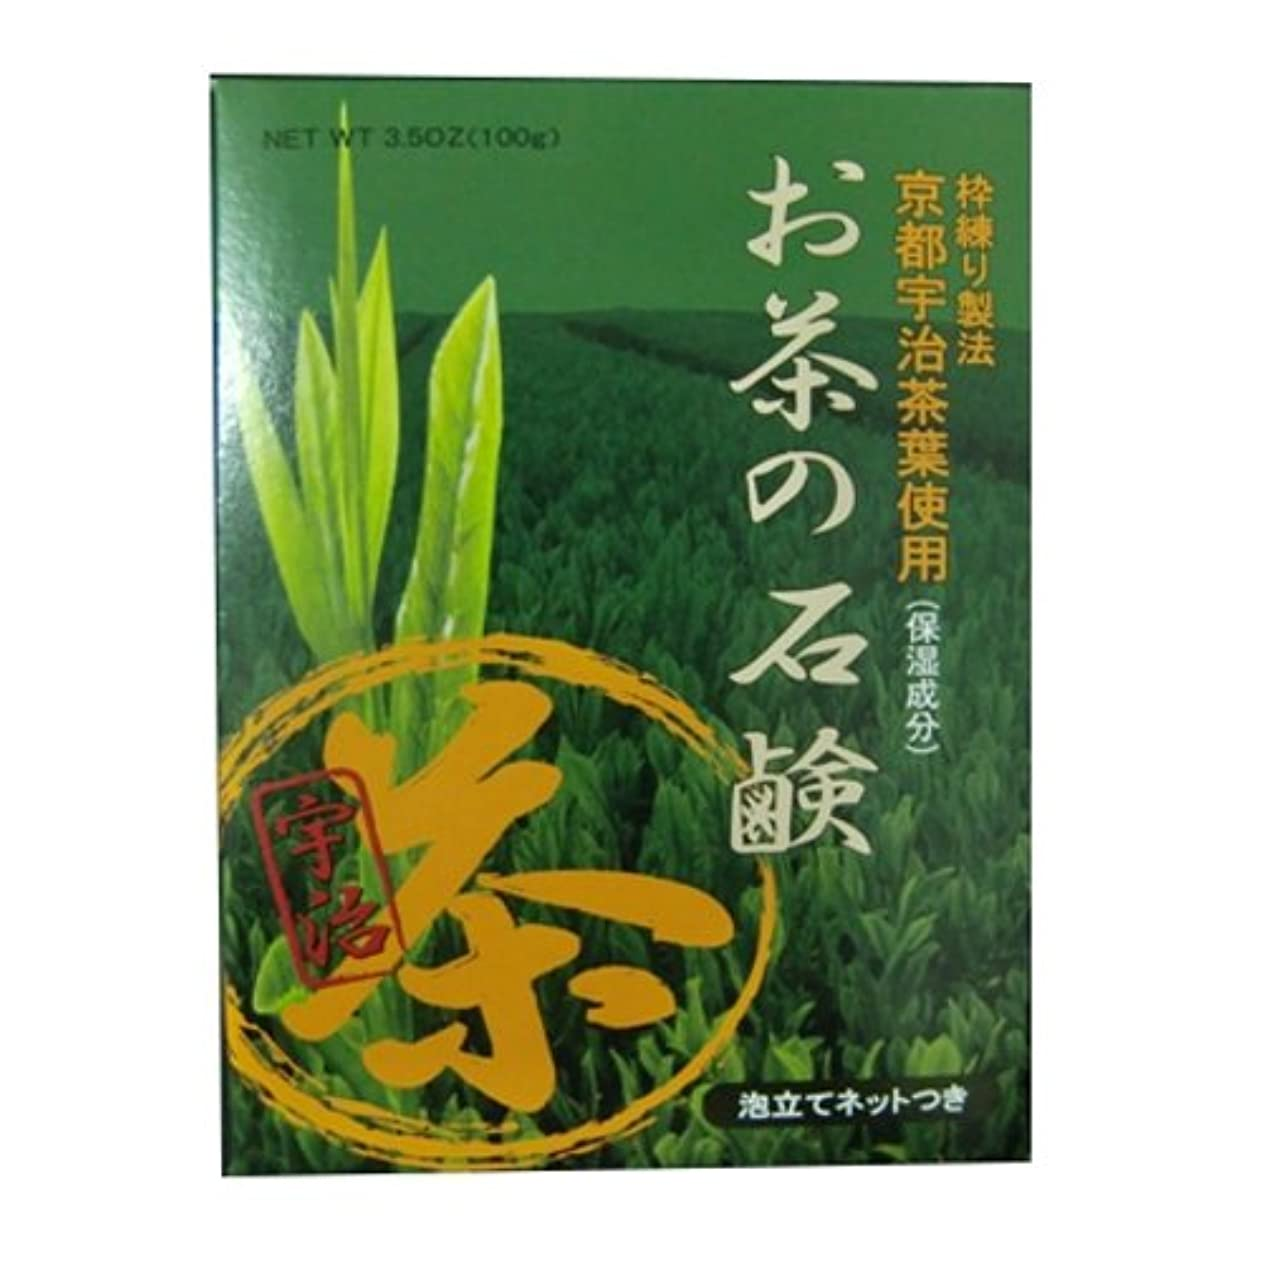 判読できない取得コンベンションお茶の石鹸 ハーバルグリーンソープ 100g